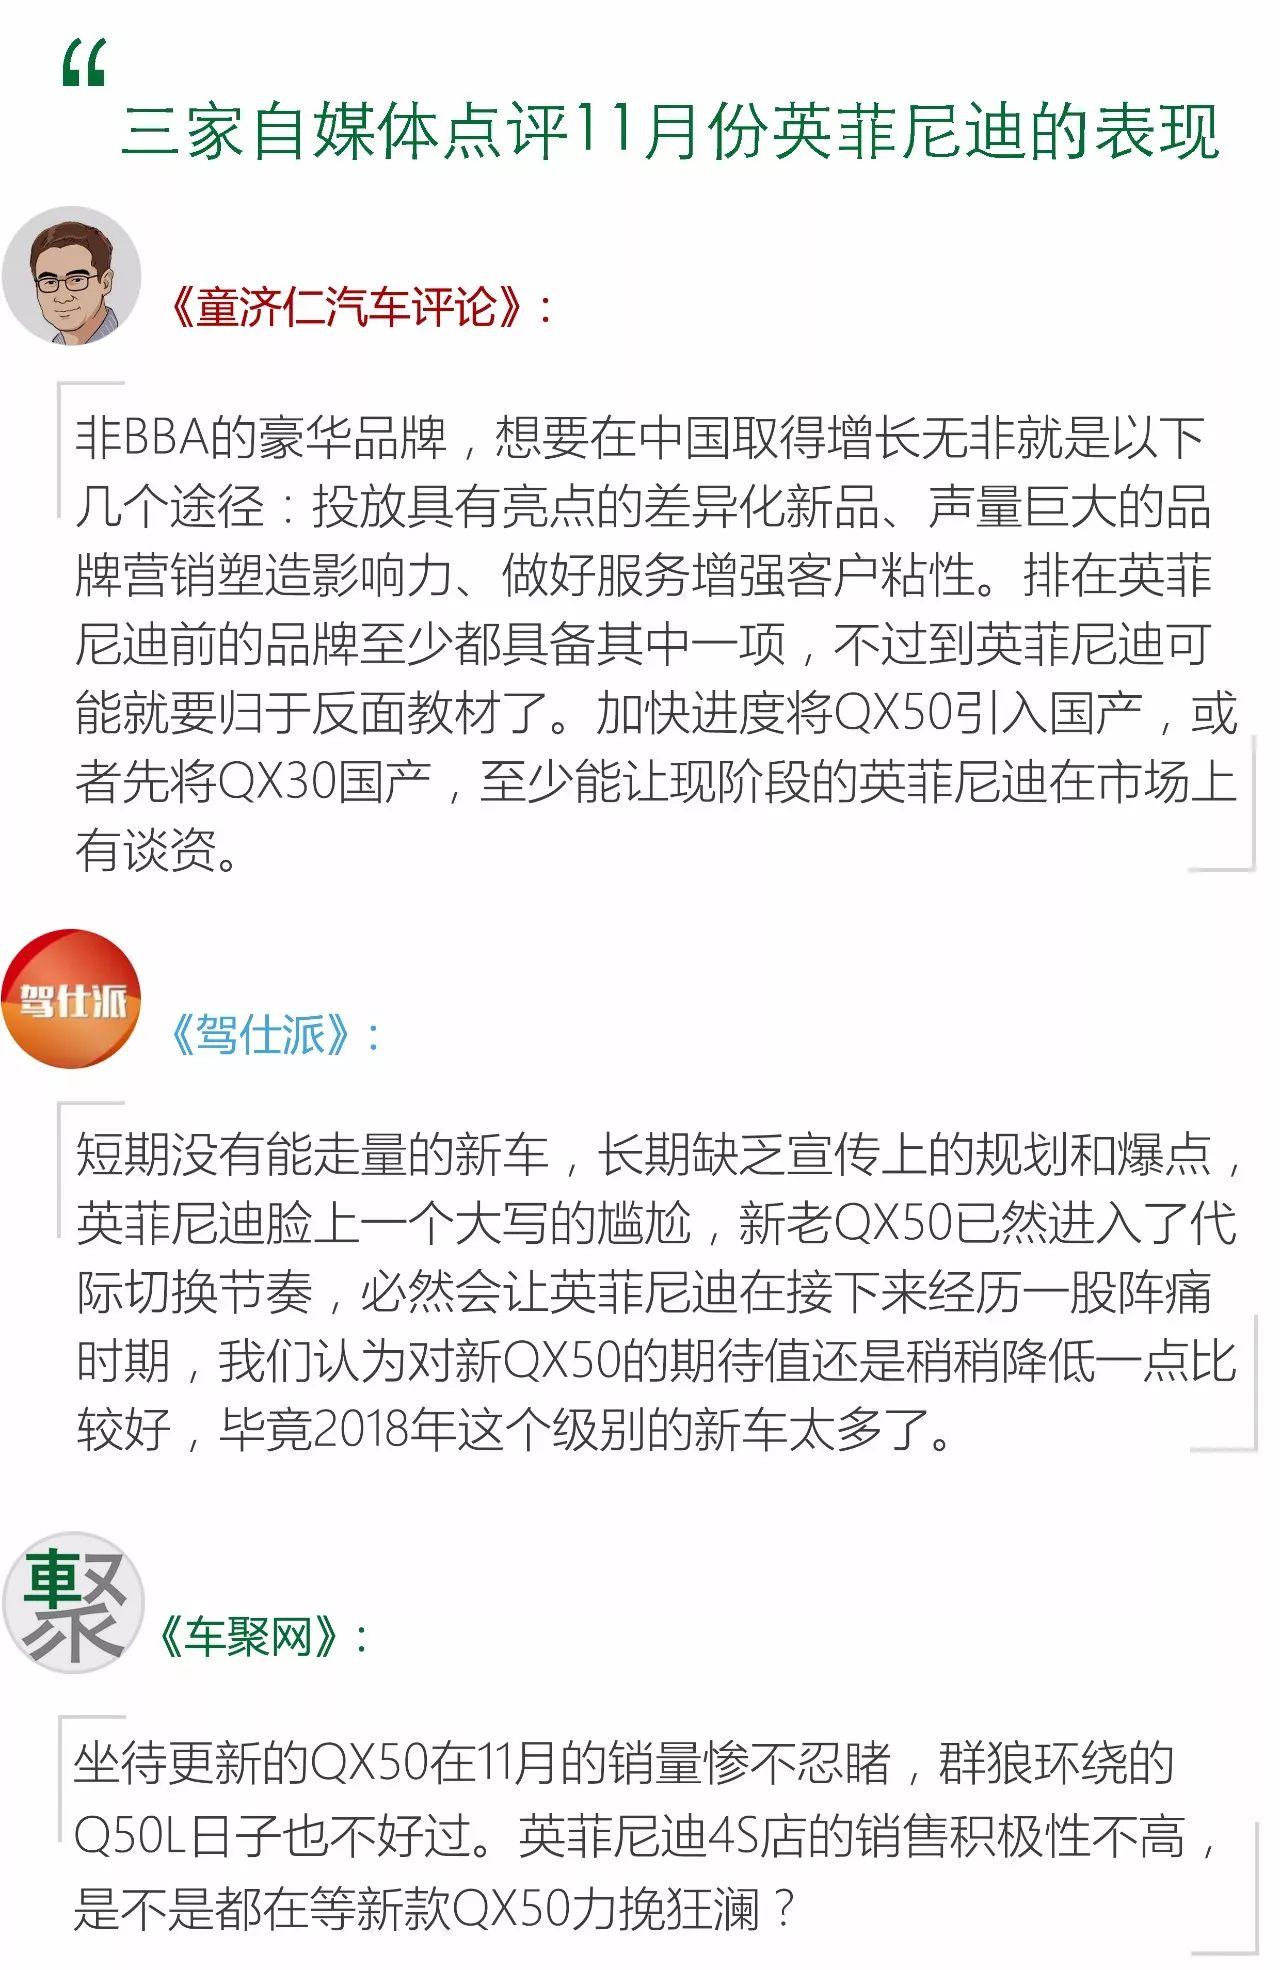 彩世界北京pk手机版 33